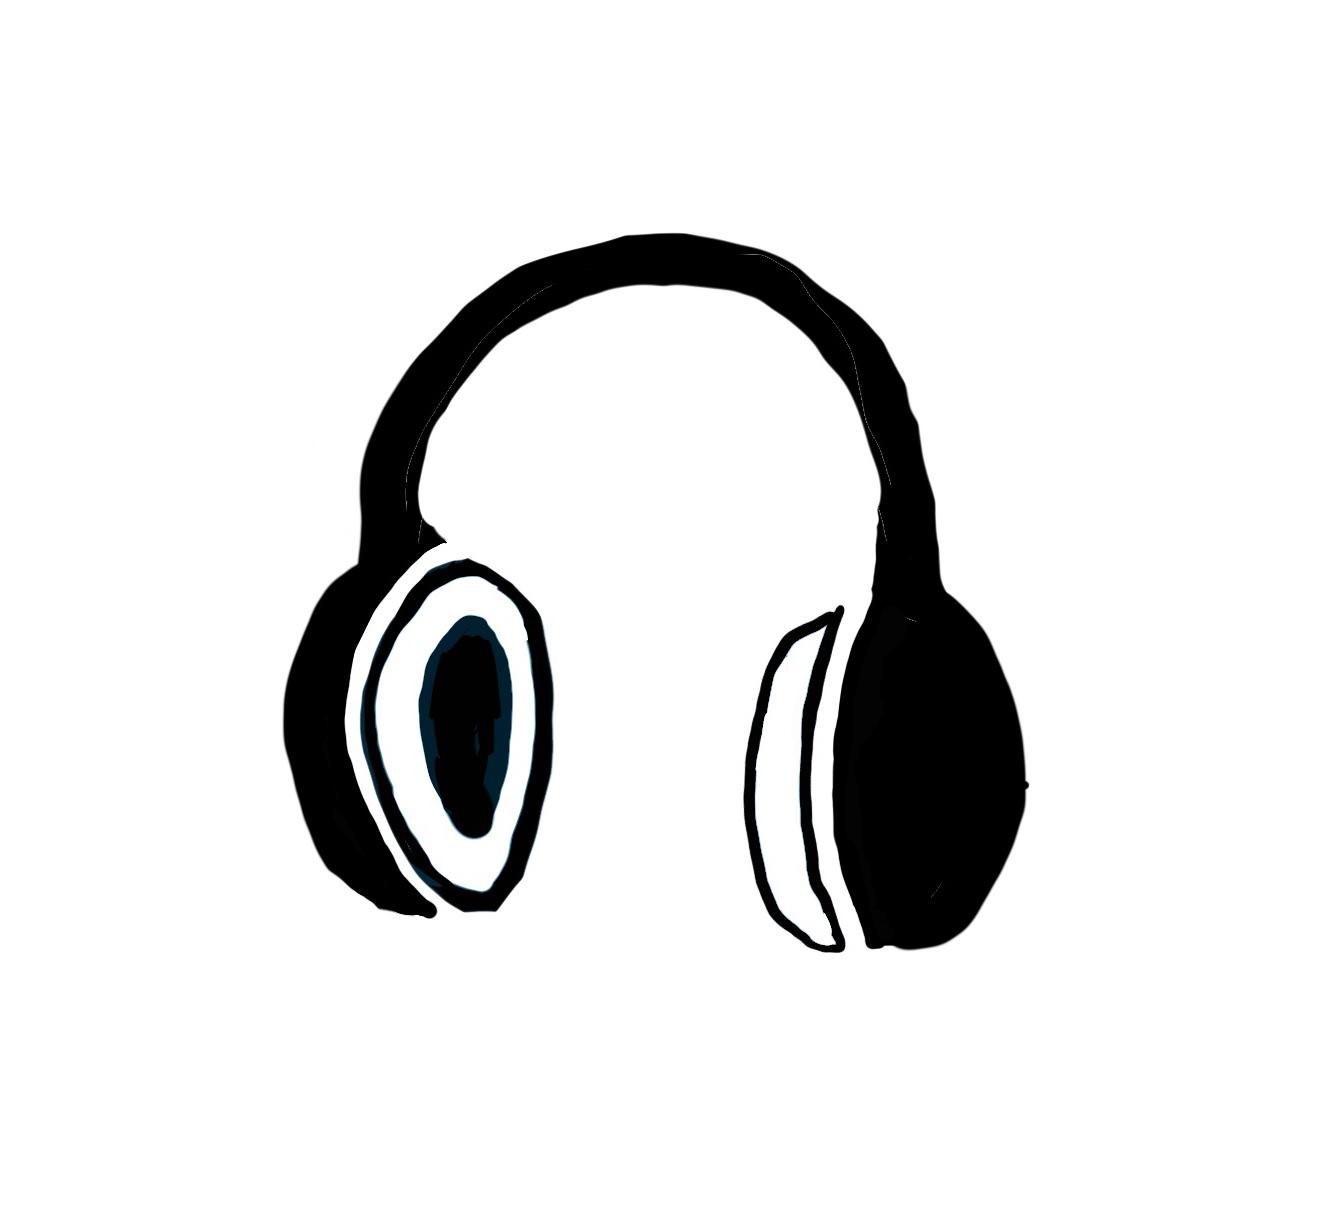 Equipment_ear.jpg